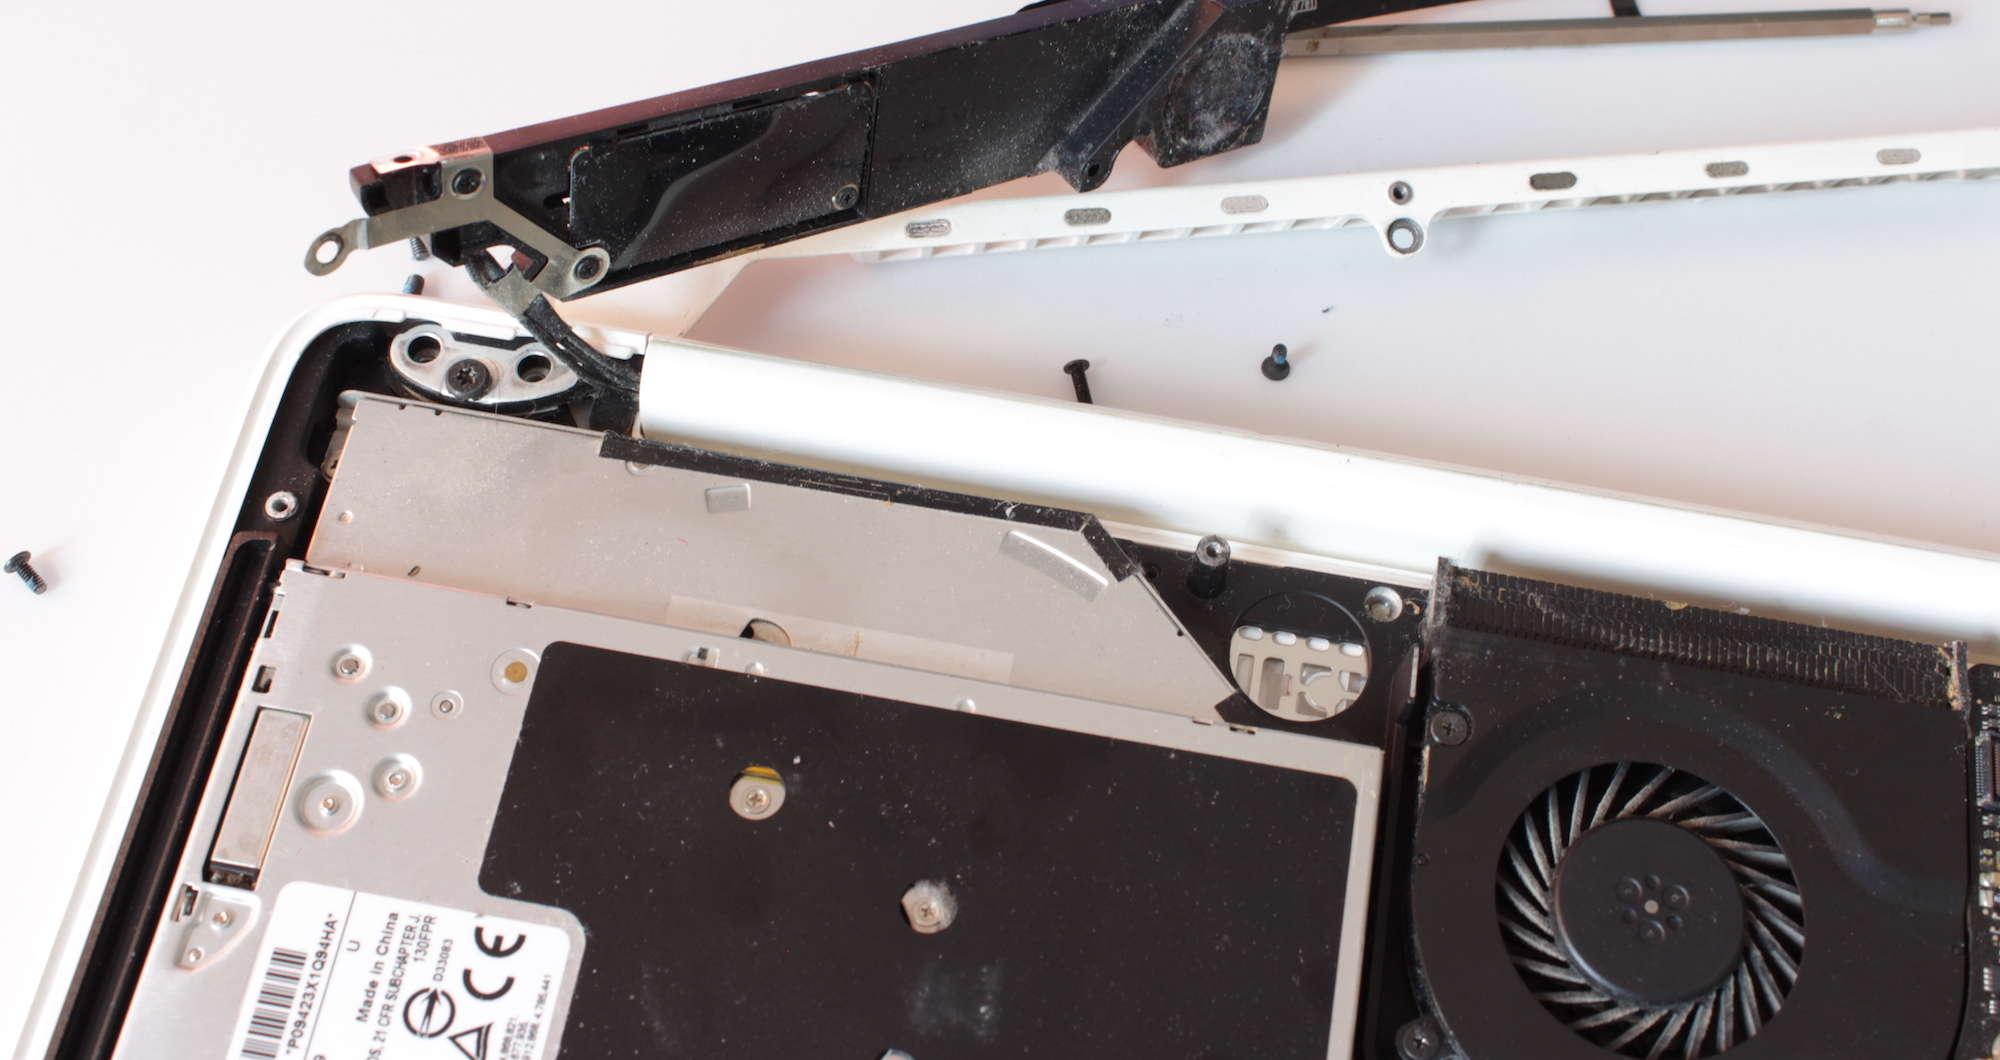 Offenes Macbook, Lautsprecher entfernt